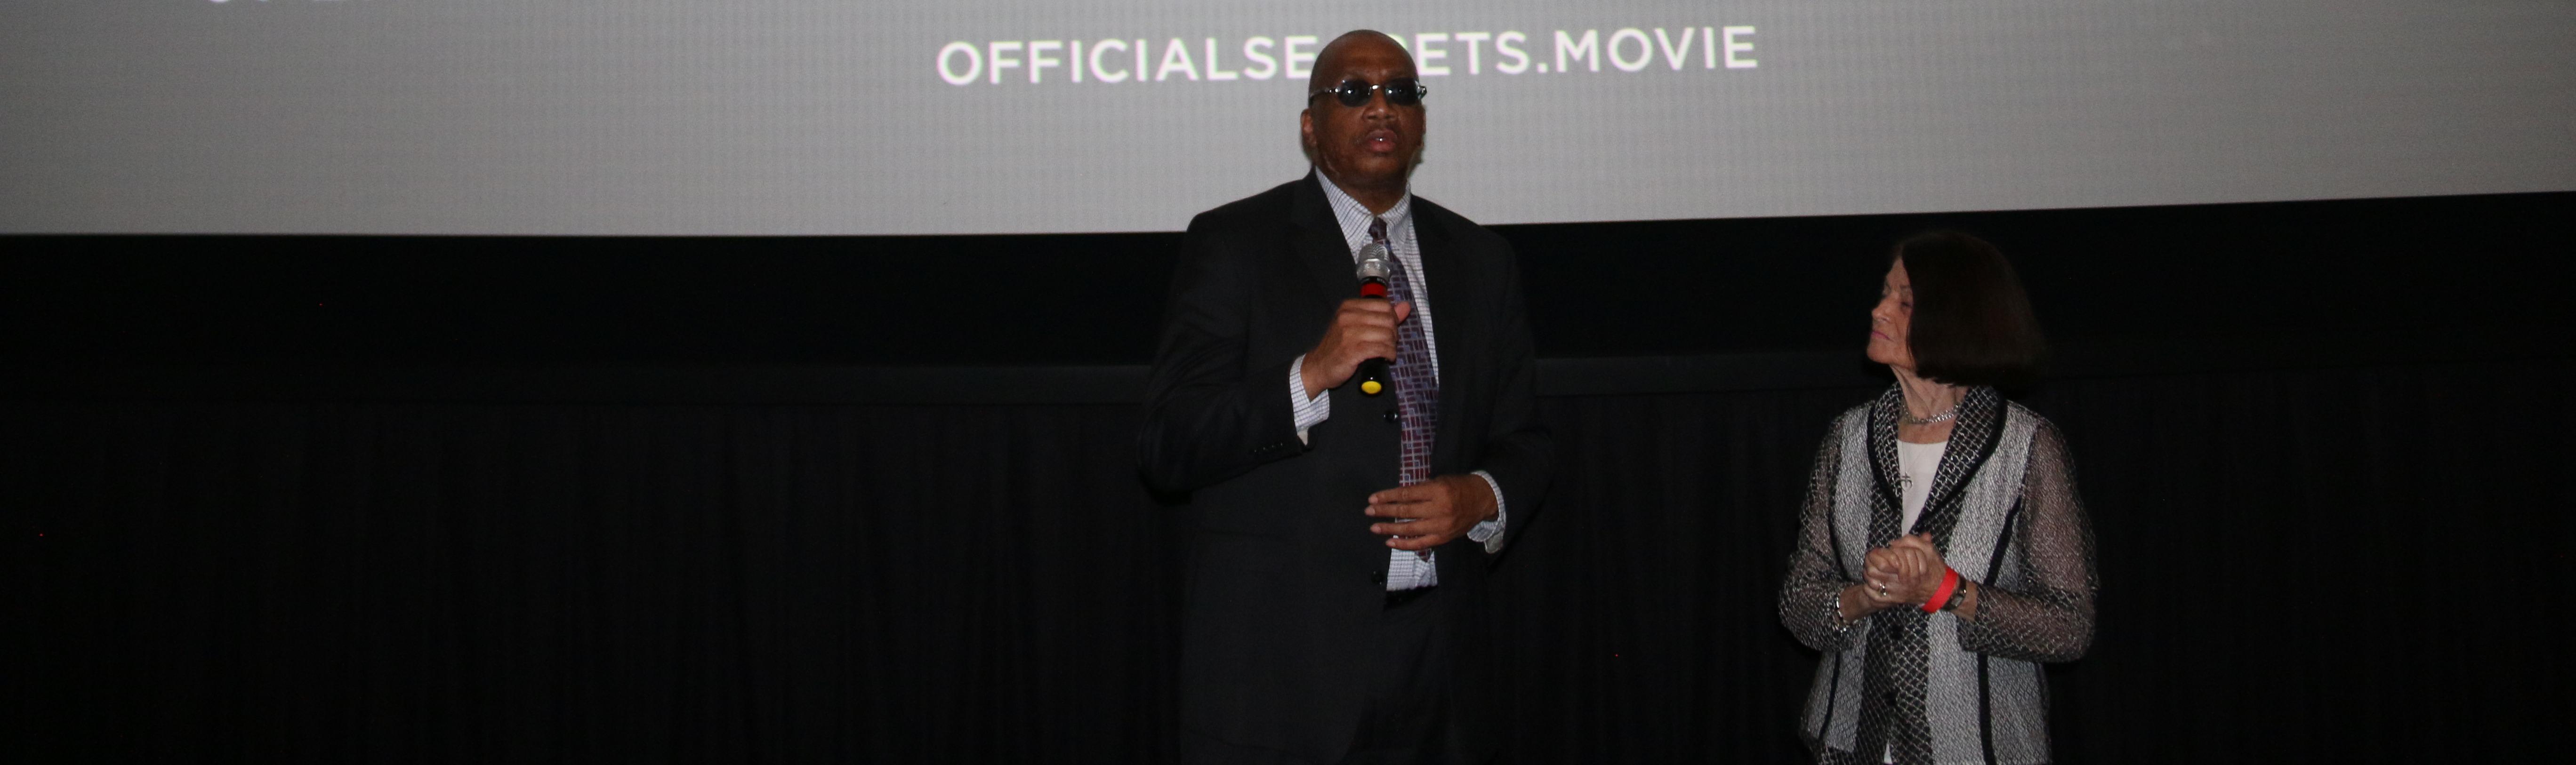 Member Spotlight: Whistleblower Summit & Film Festival